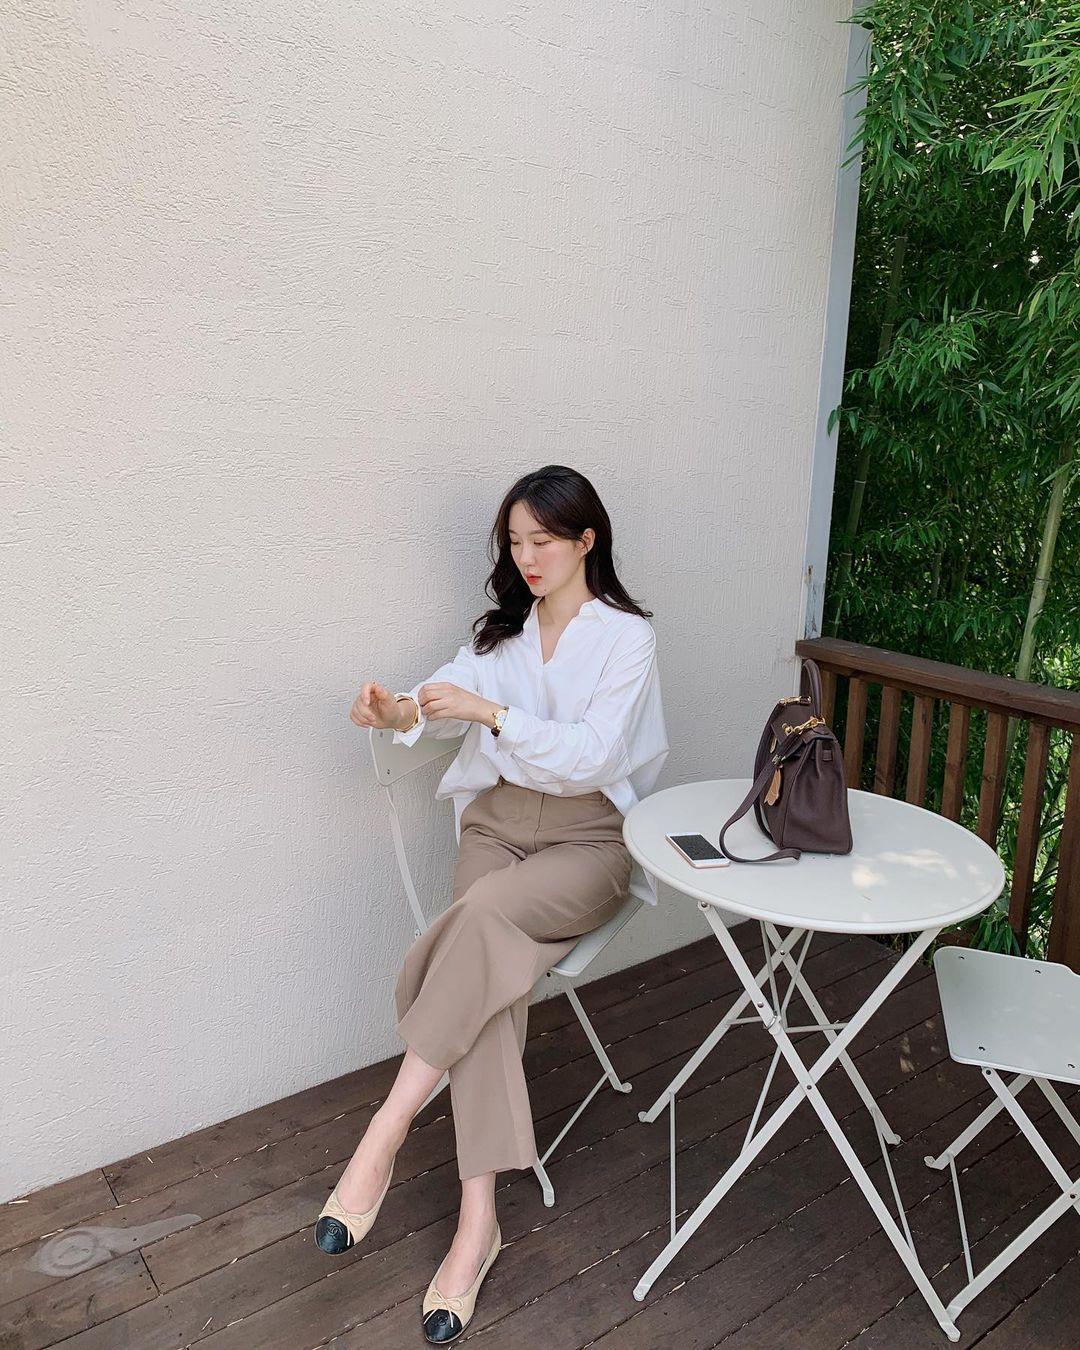 5 mẫu giày dép gái Hàn đang chuộng mix với quần âu để sang chảnh hóa cả set đồ công sở - Ảnh 8